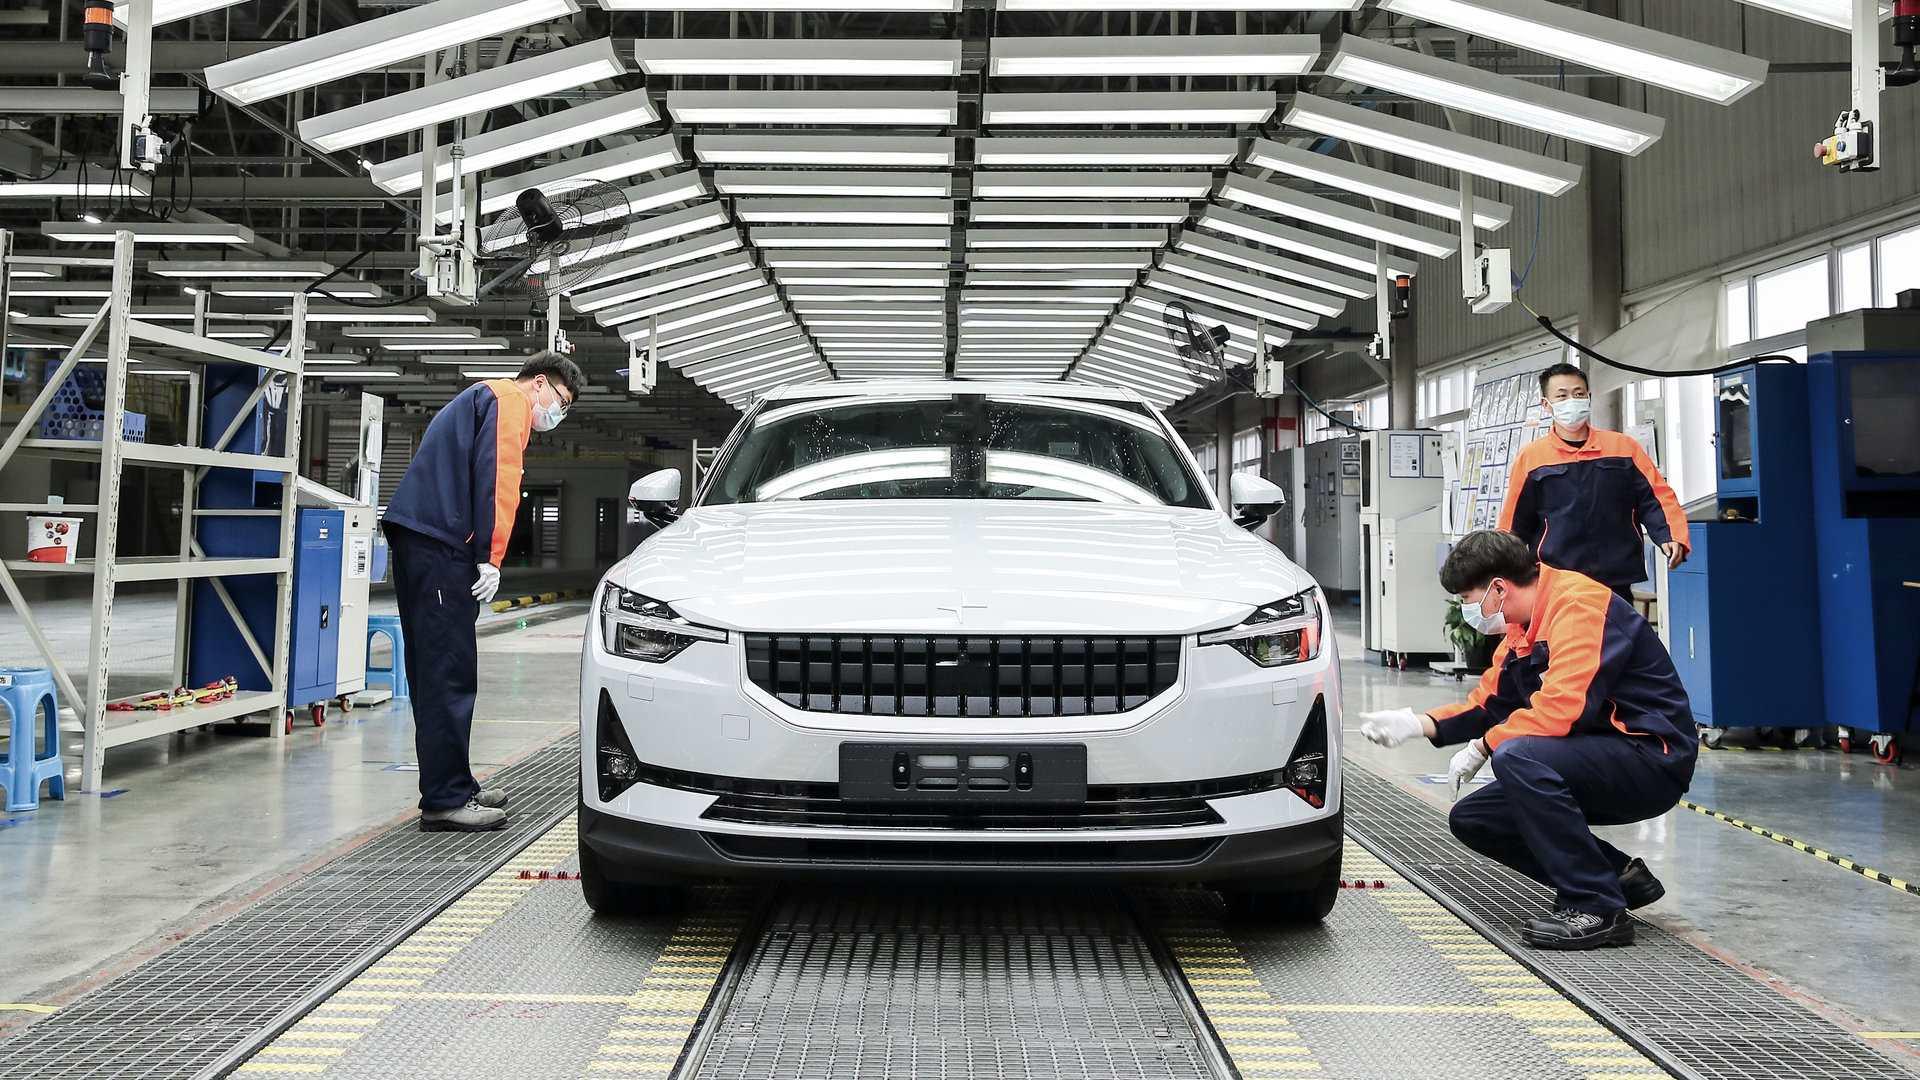 Mientras Europa y EEUU tienen la industria parada, el Polestar 2 se fabrica en China